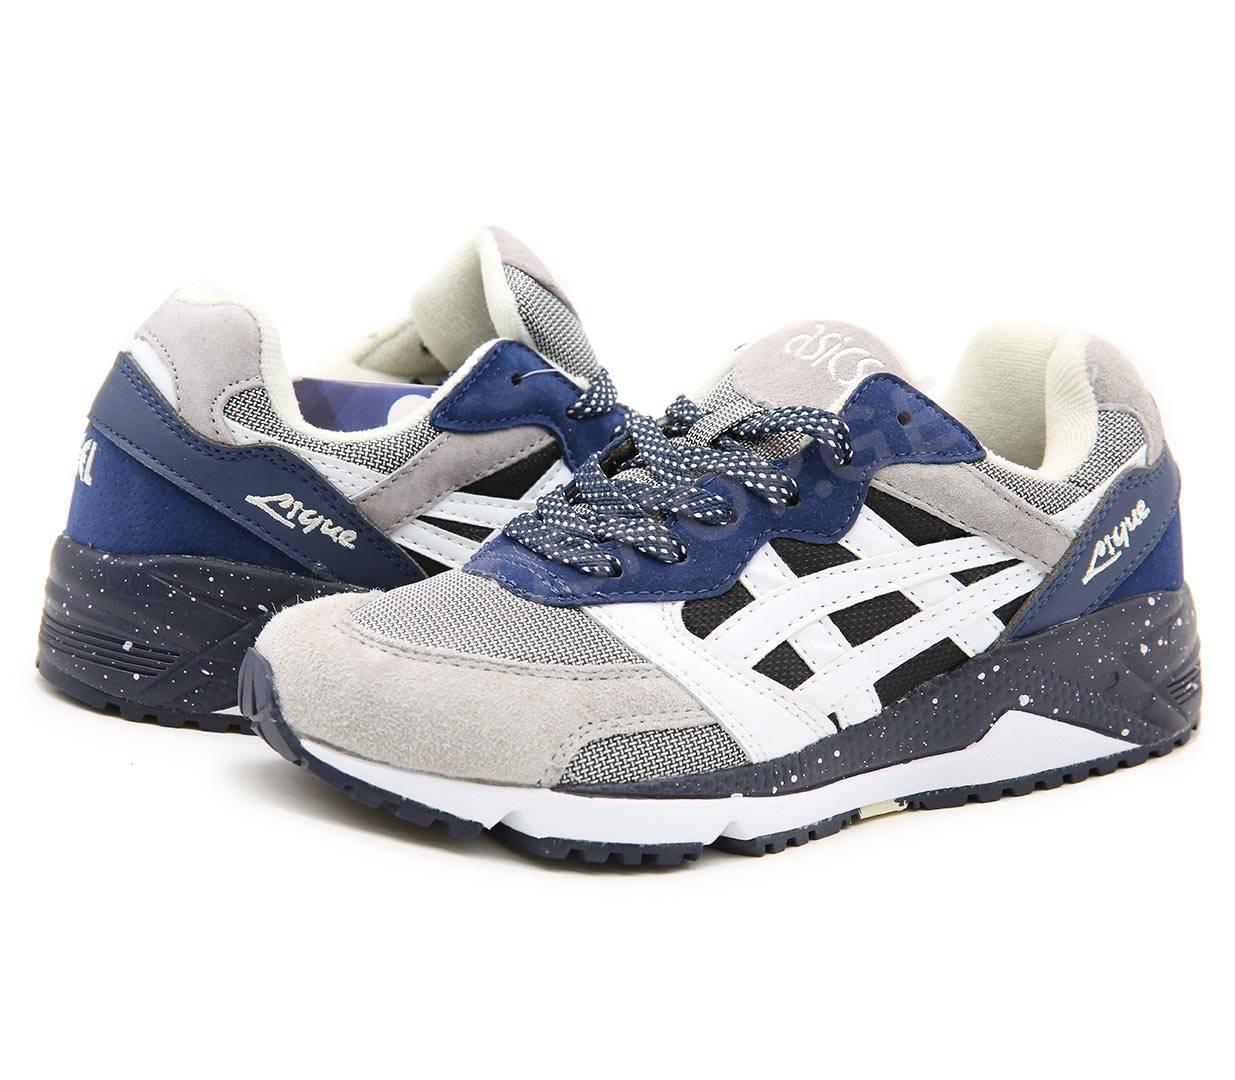 6c21373002b34 Shoes    Boy    Botas Asics Gel - ინტერნეტ მაღაზია ...